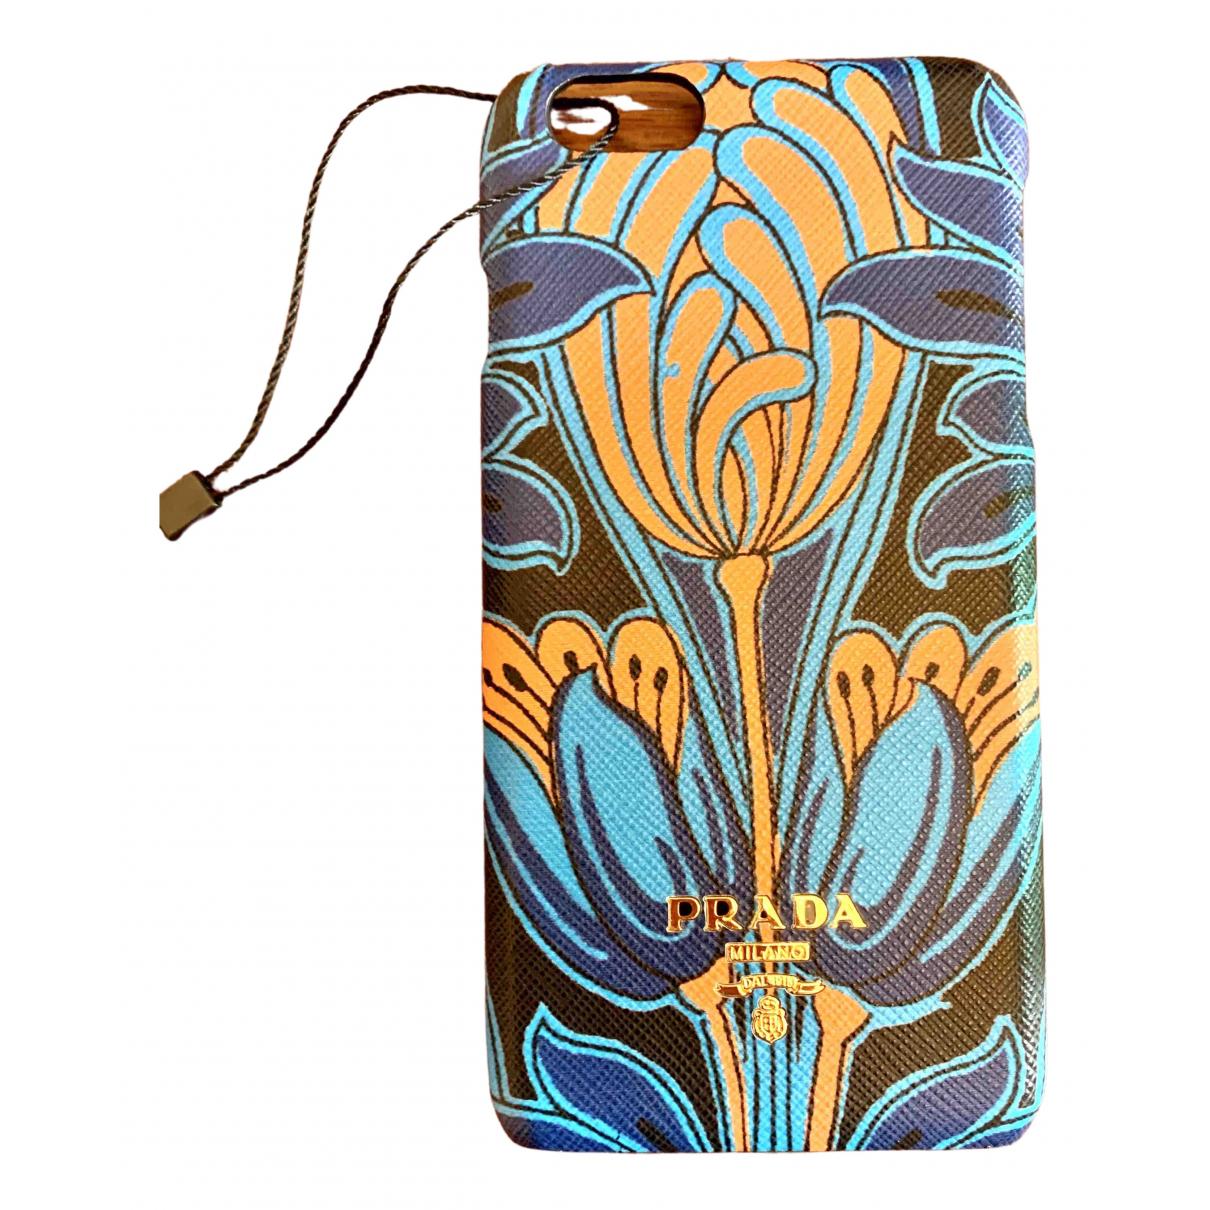 Prada - Accessoires   pour lifestyle en cuir - multicolore